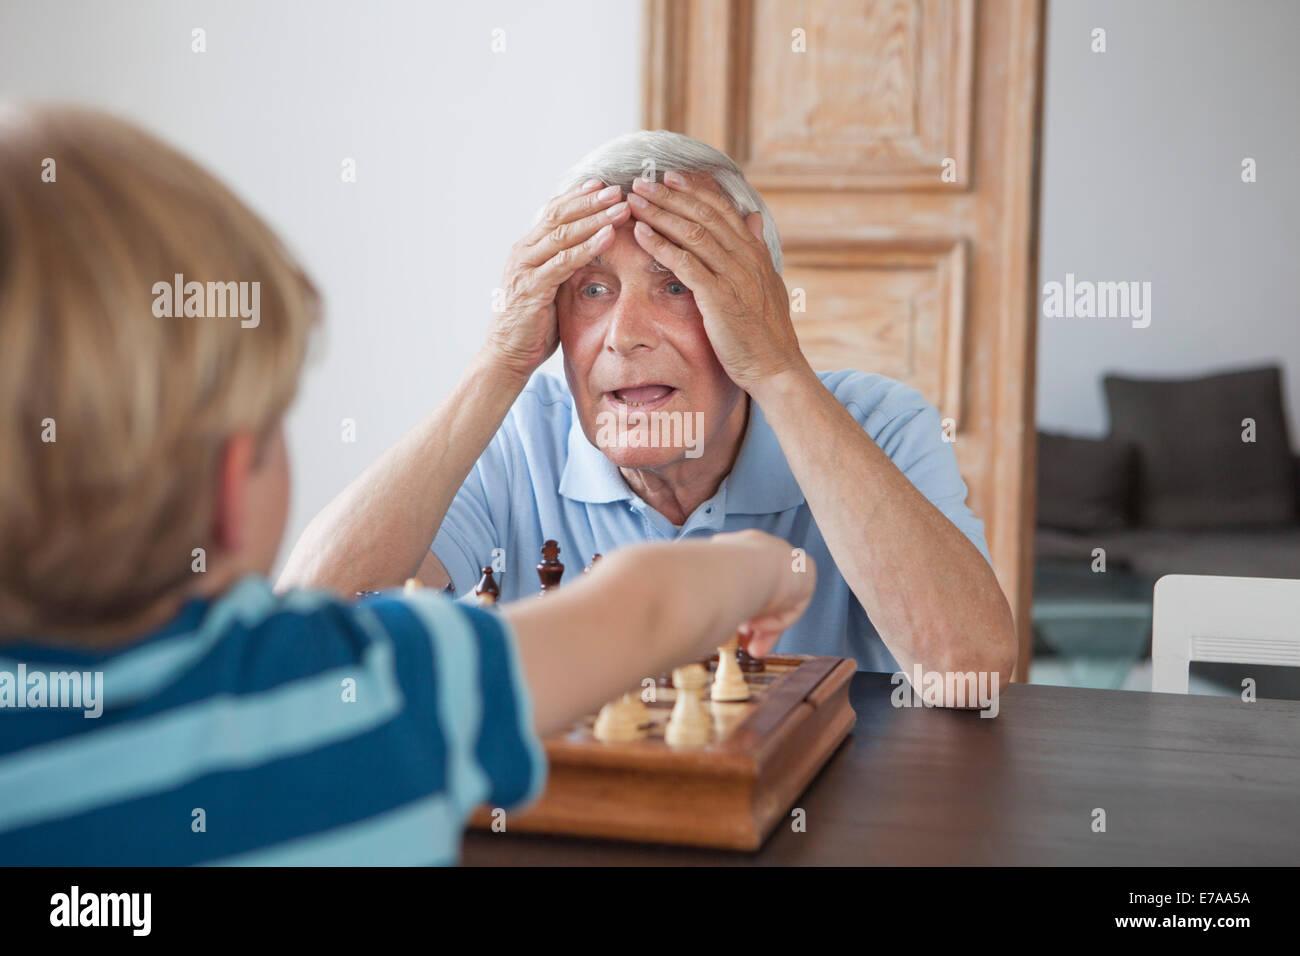 Scioccato senior Uomo con testa in mani guardando il nipote mentre si gioca a scacchi a casa Immagini Stock